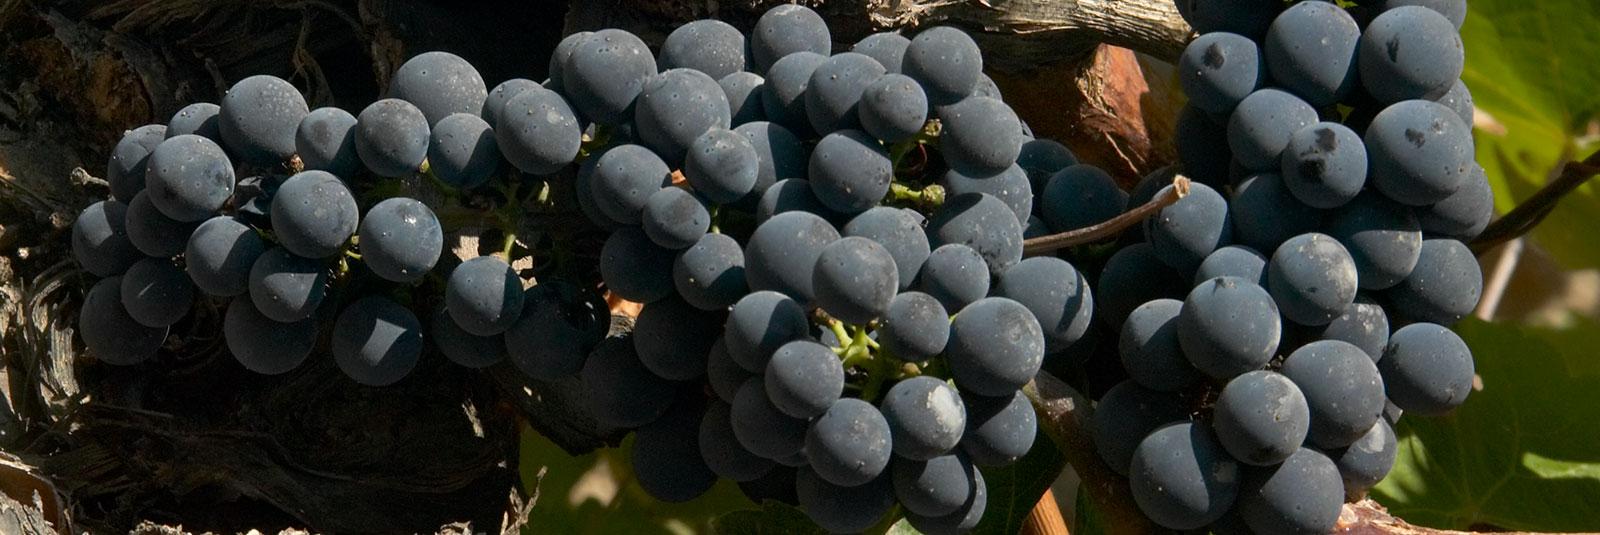 La uva con más nombres distintos